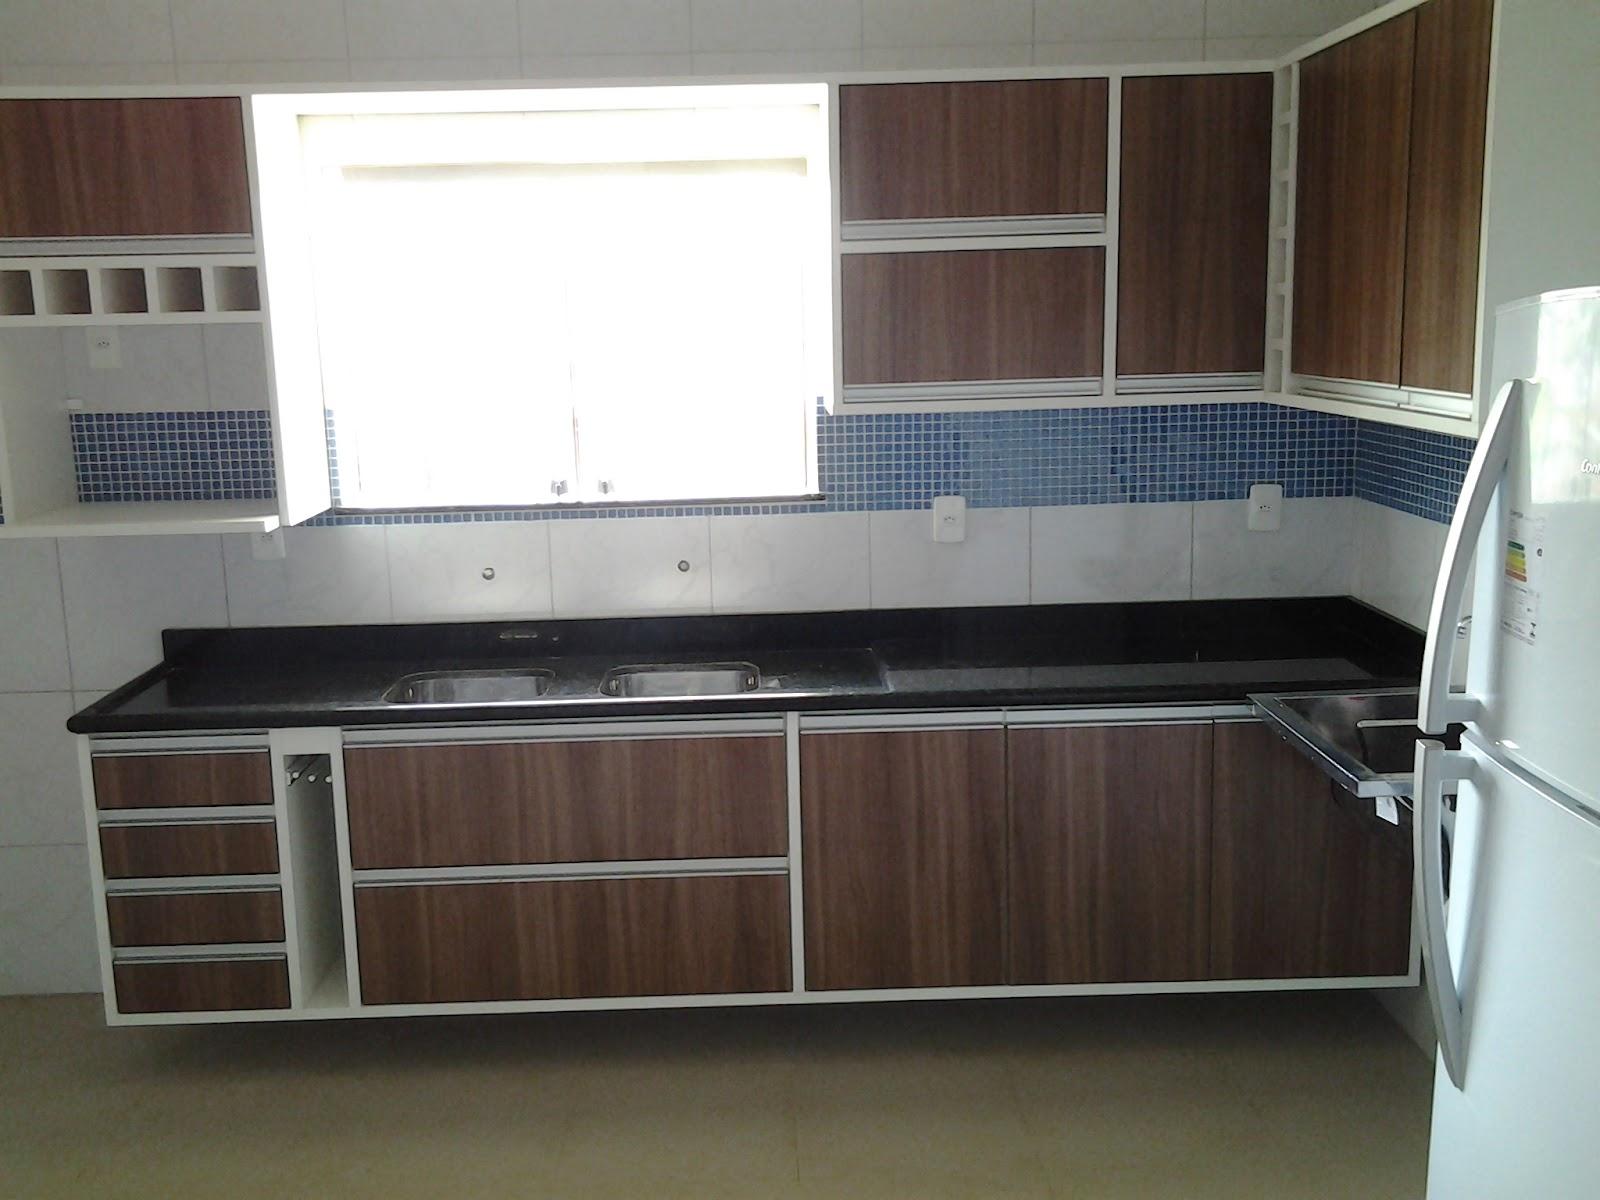 #414D5D STYLUS MODULADOS: COZINHA PLANEJADA EM MDF!! 1600x1200 px Projetos De Cozinha Mdf #365 imagens